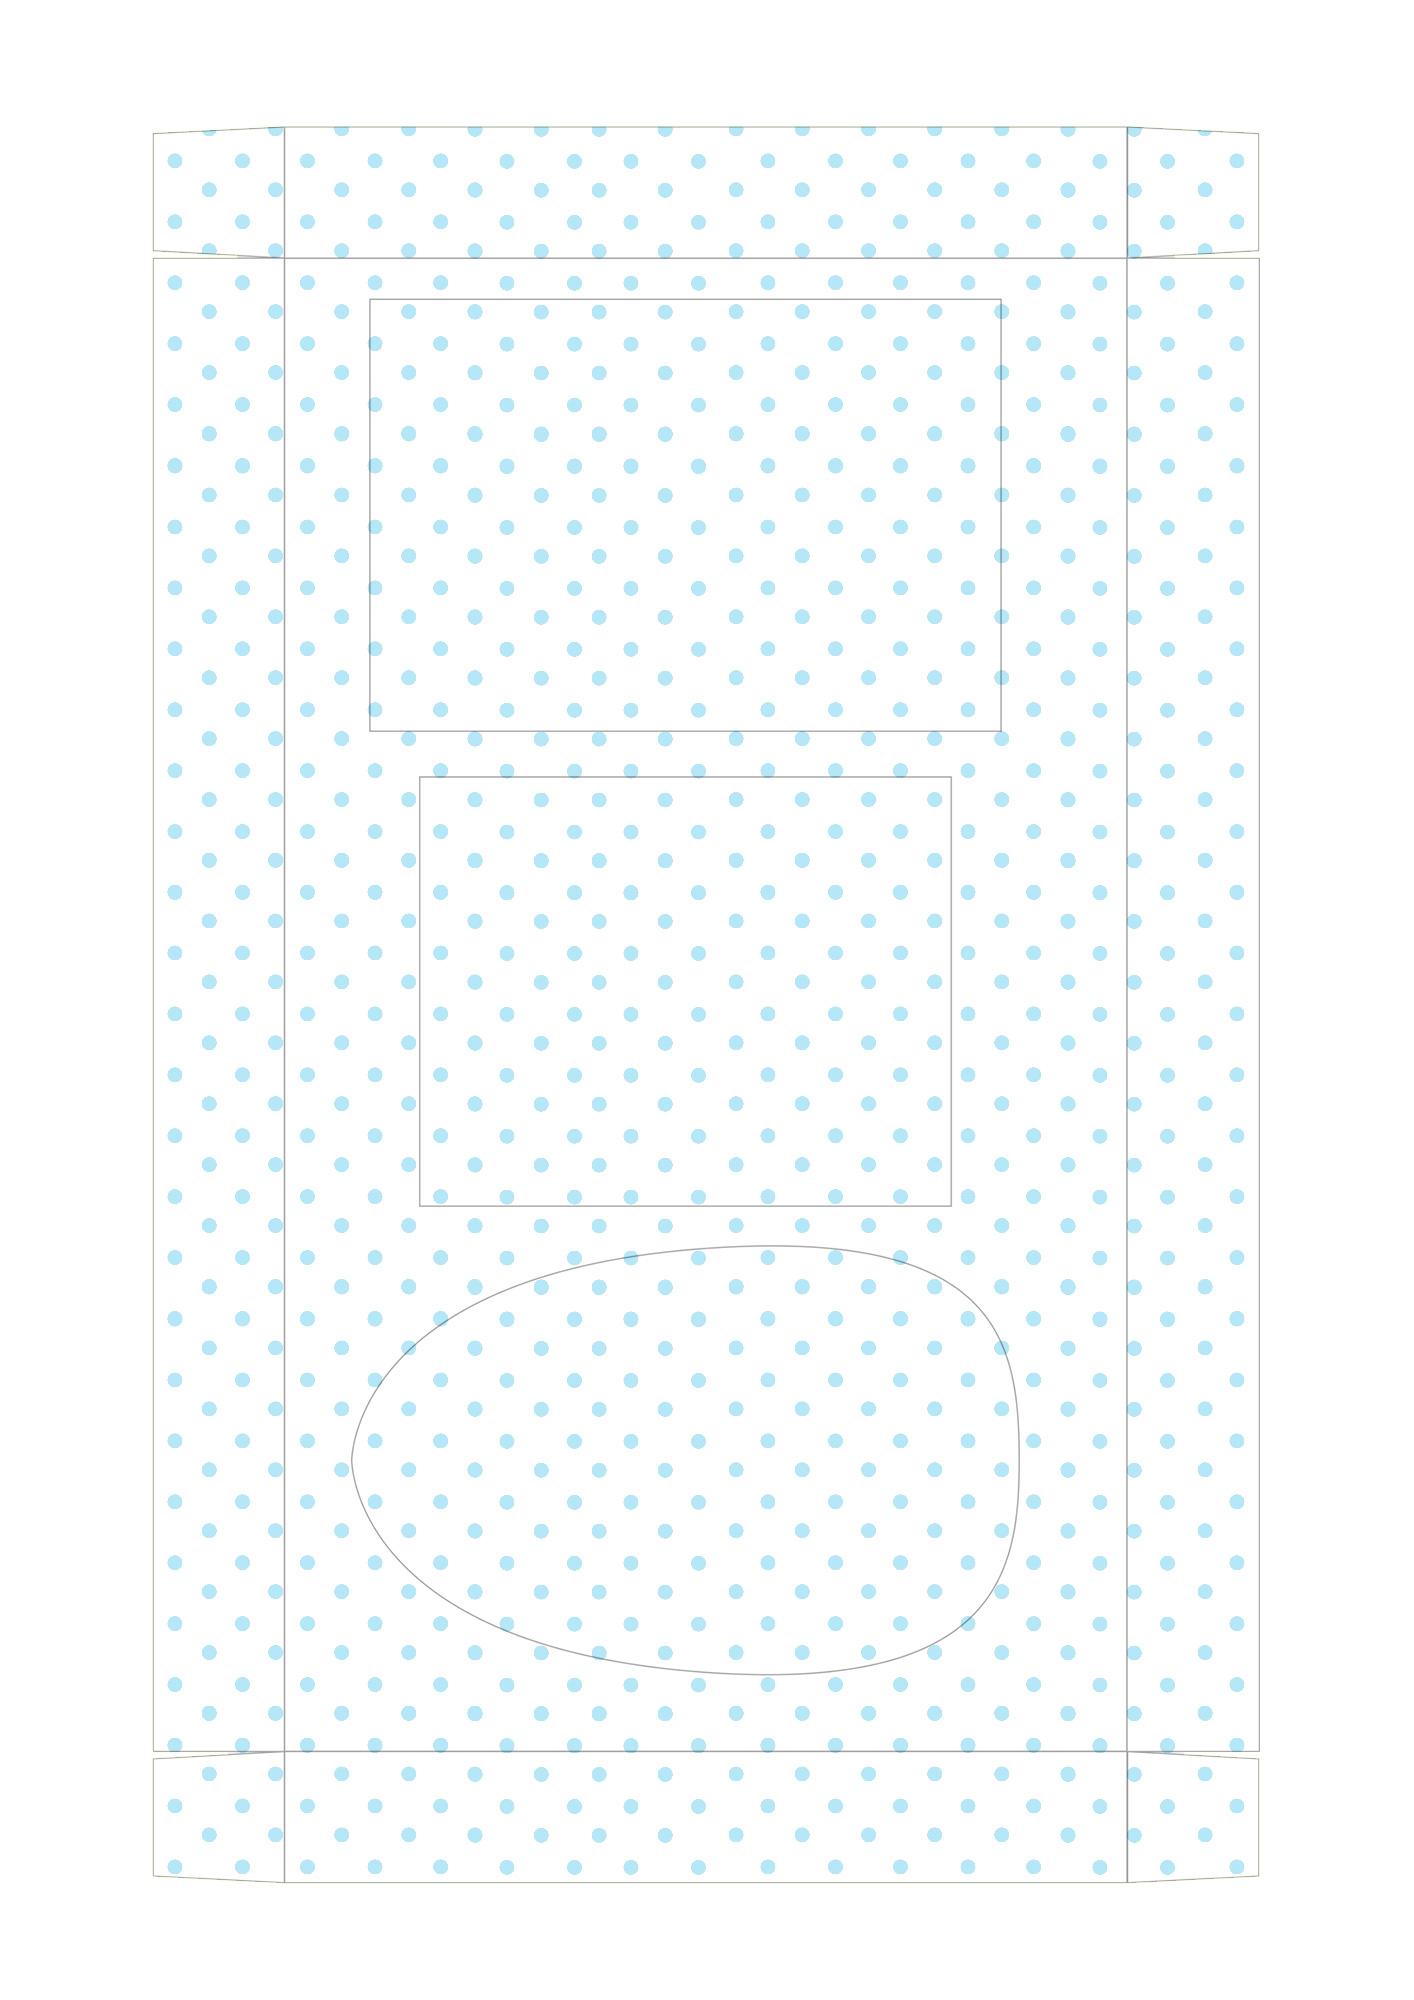 Caixa Kit Mini Confeiteiro para Páscoa 4 - parte de dentro